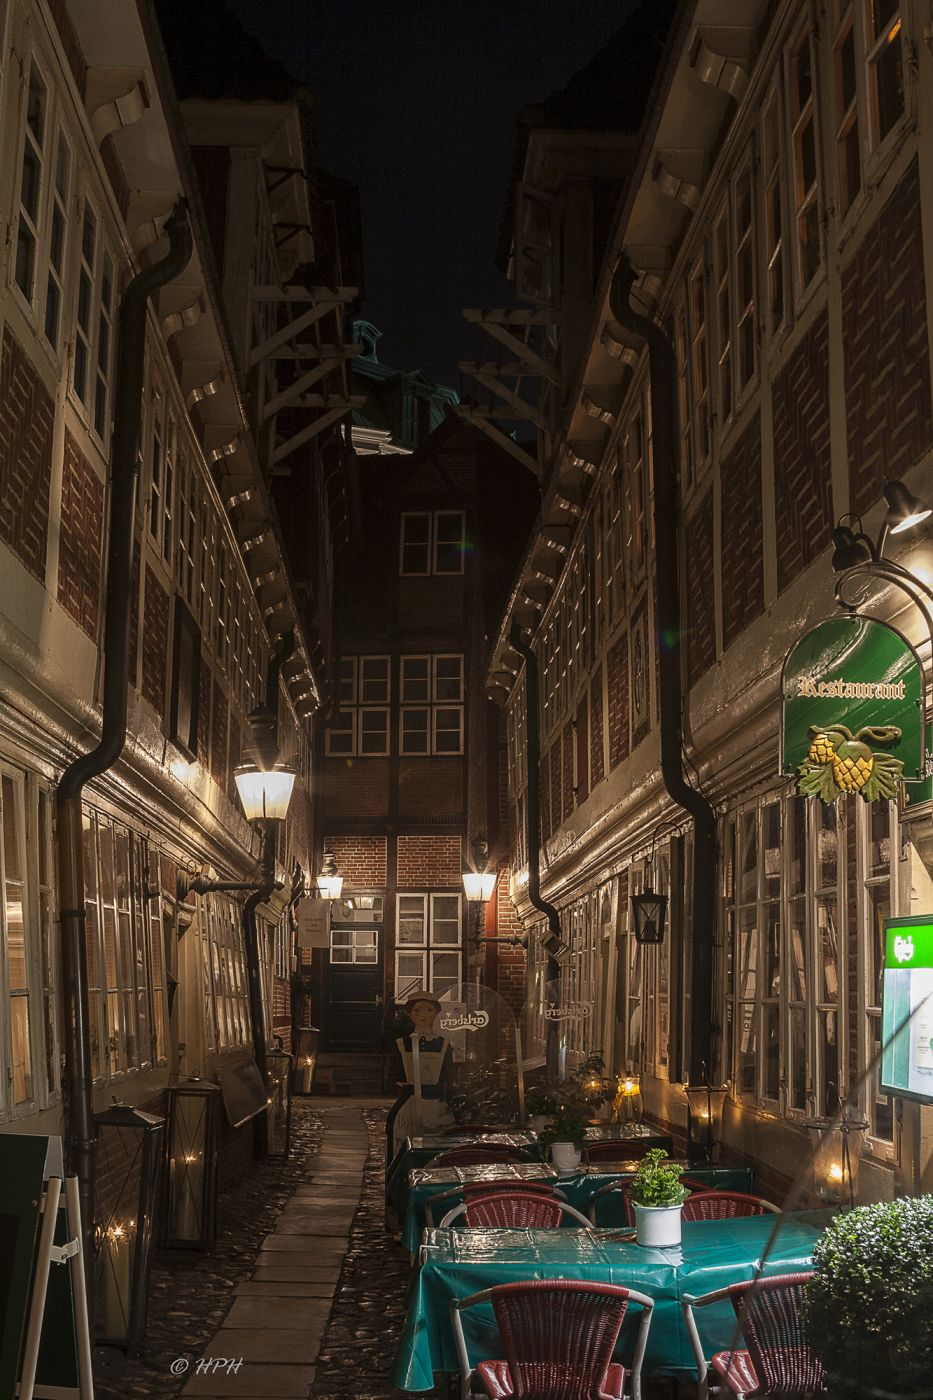 Krameramtsstuben, Hamburg, Germany